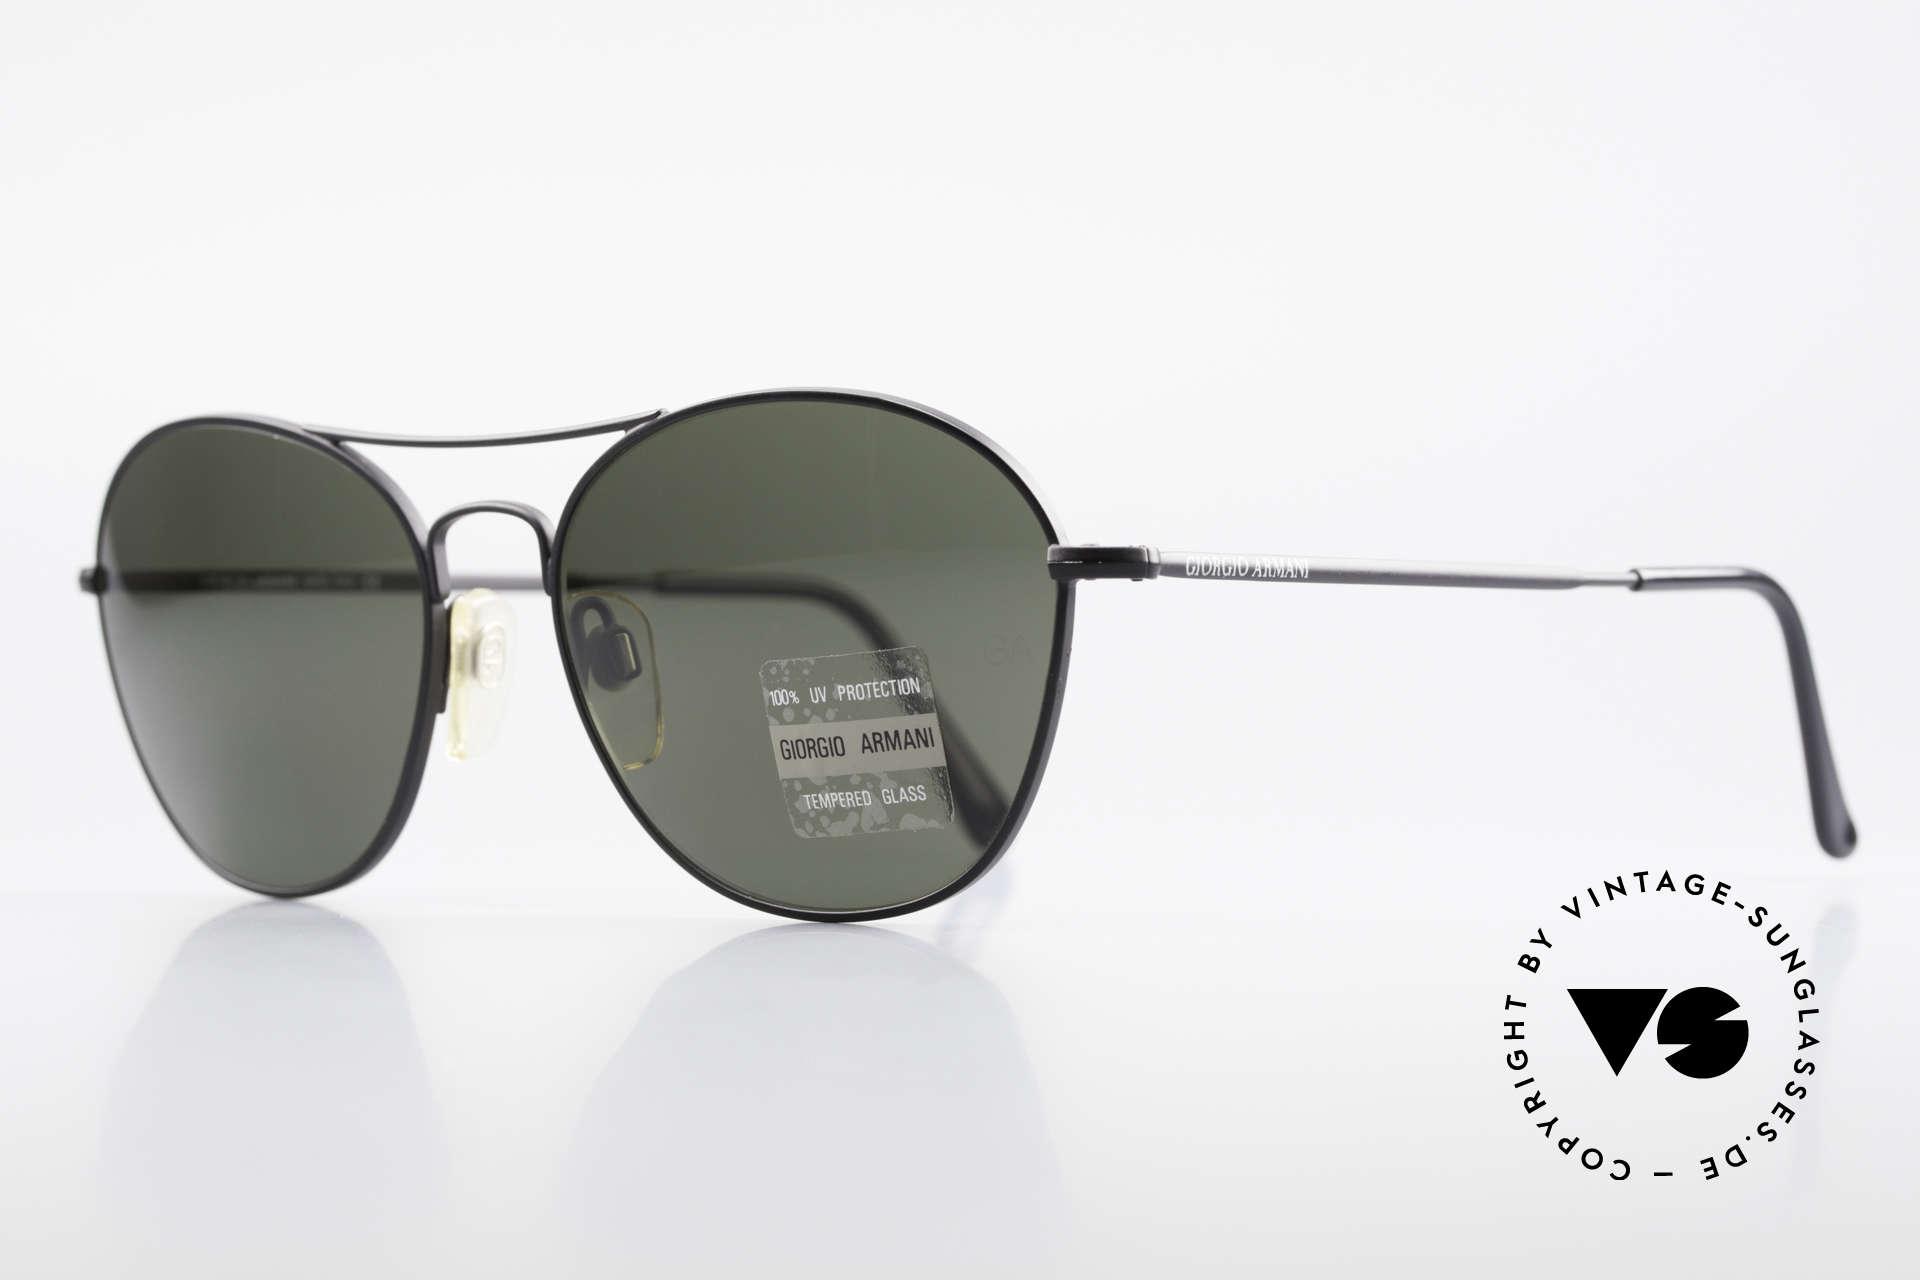 Giorgio Armani 646 Aviator Designer Sonnenbrille, Mineralgläser (100% UV Schutz) mit der GA-Gravur, Passend für Herren